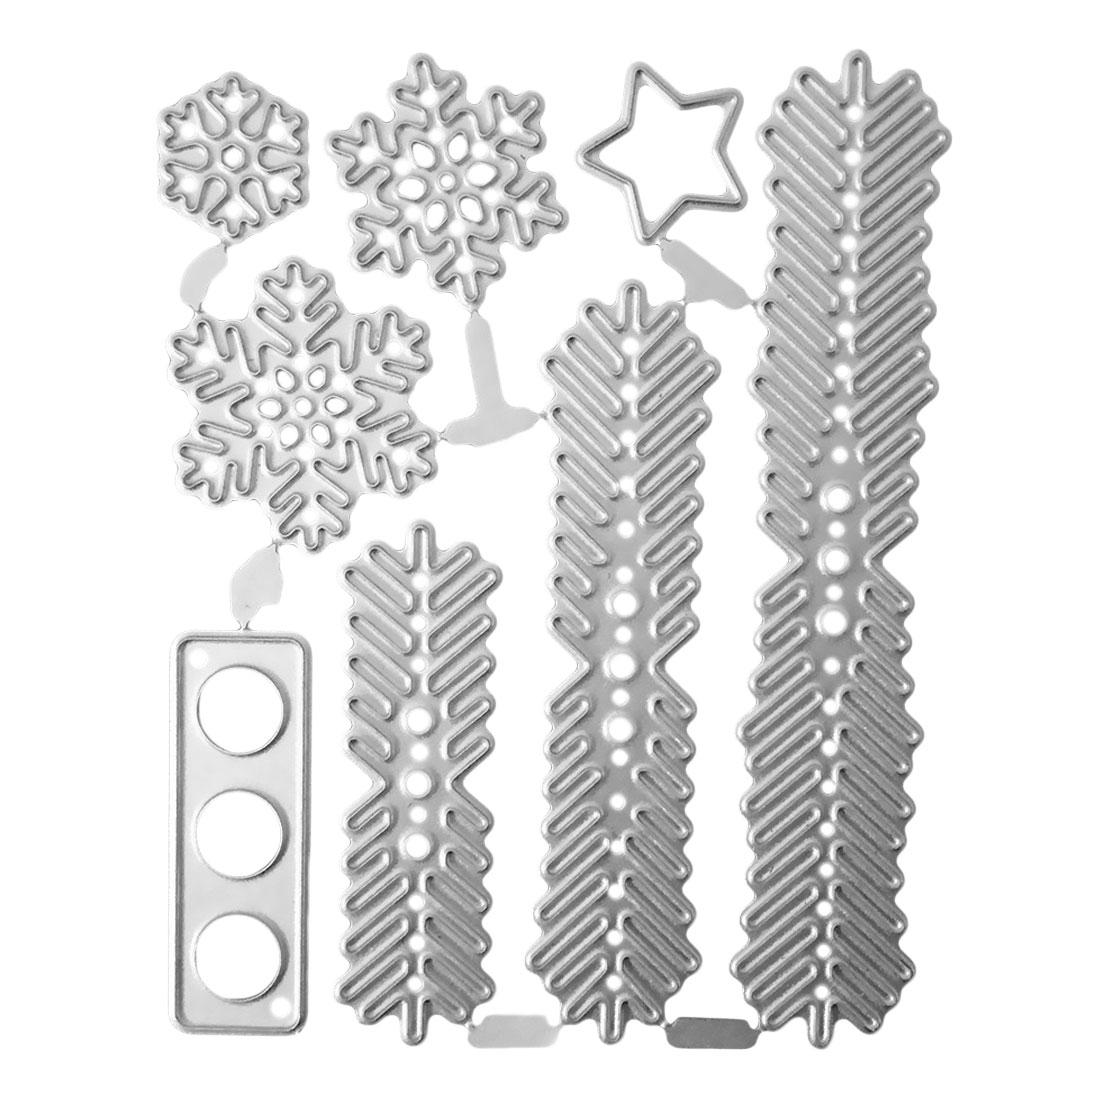 Craft Die Metal Cutting Snowflake Border Stencil DIY Scrapbooking Embossing Dies